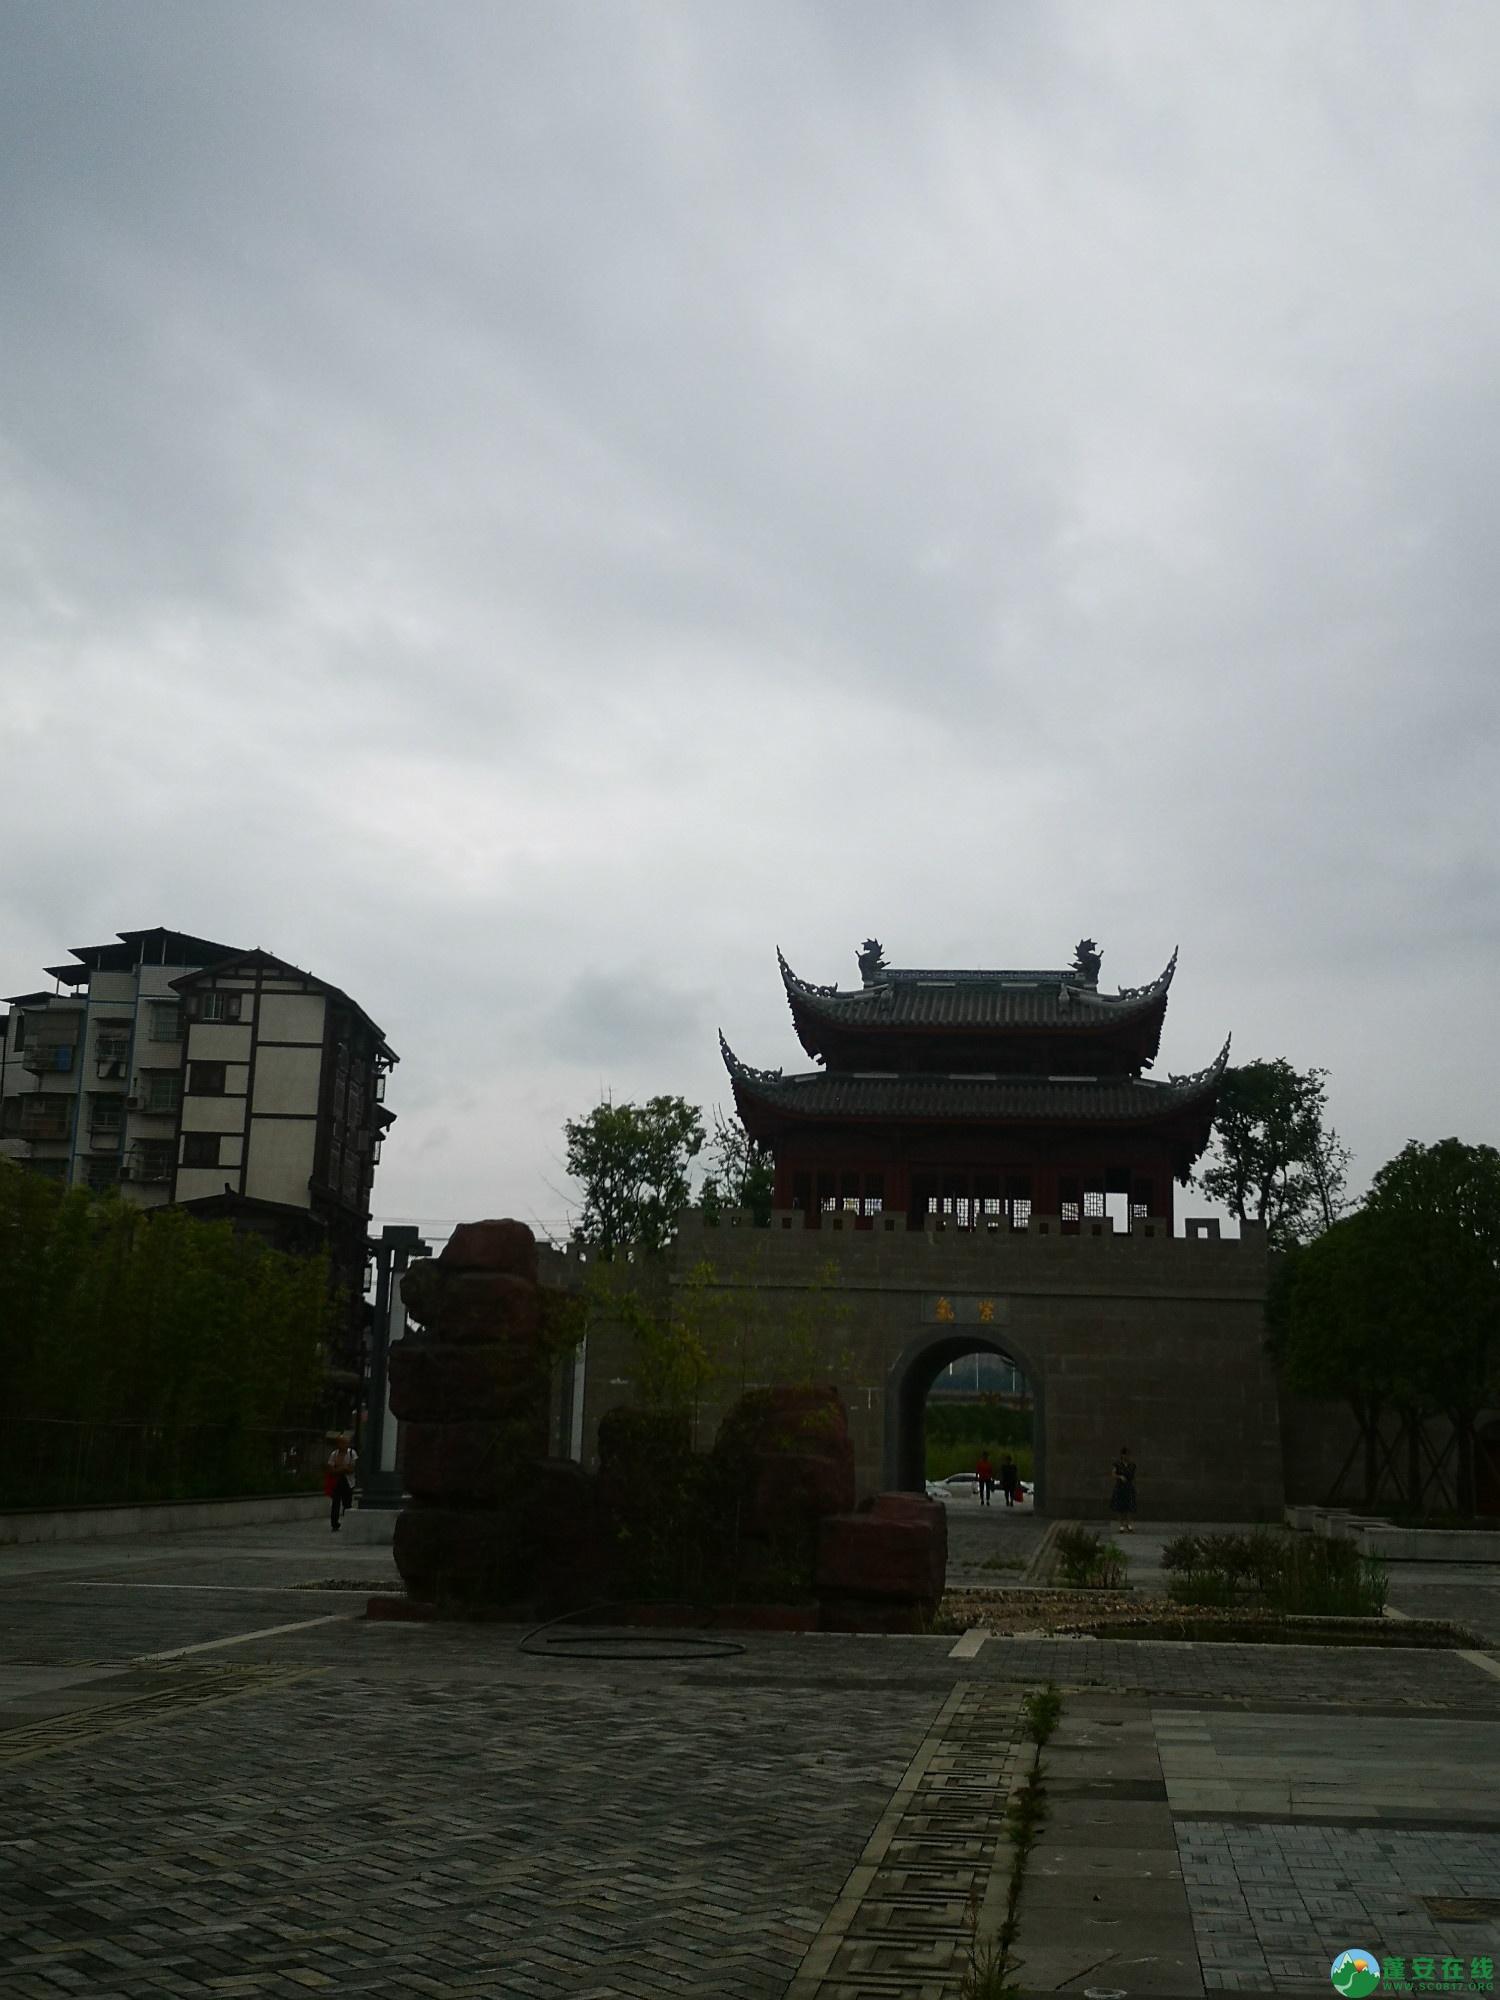 蓬安锦屏新区近况(2020-08-19) - 第5张  | 蓬安在线